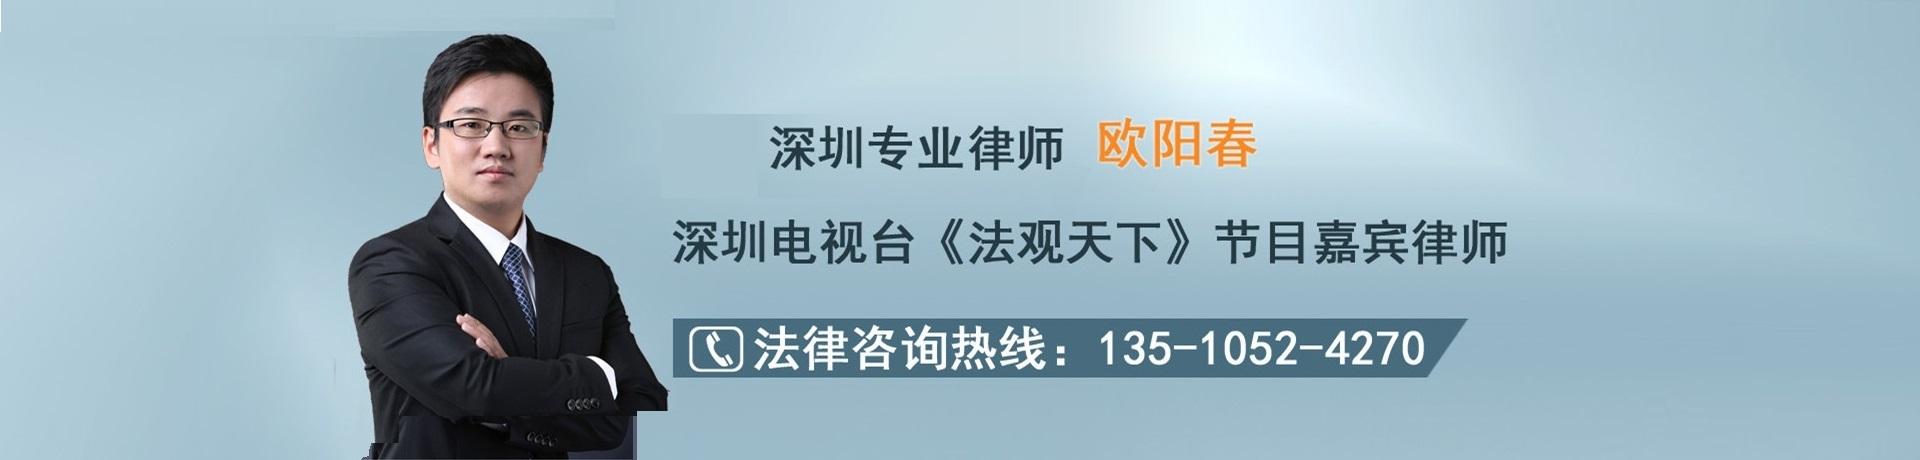 深圳劳动法律师大图一